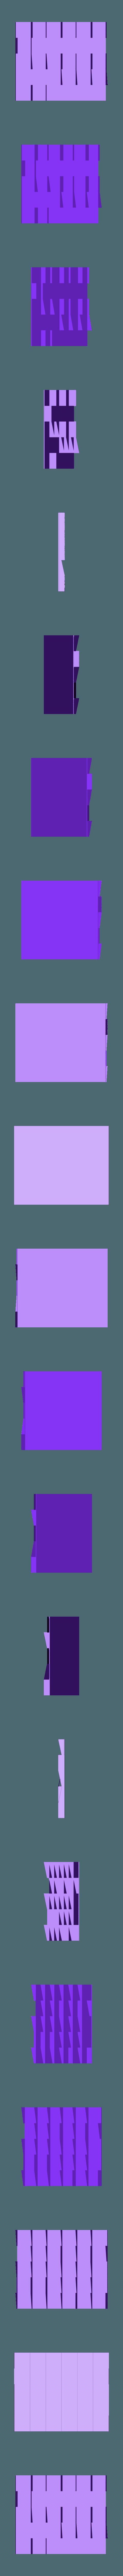 plaque.stl Télécharger fichier STL gratuit plaque murale décorative • Plan à imprimer en 3D, juanpix